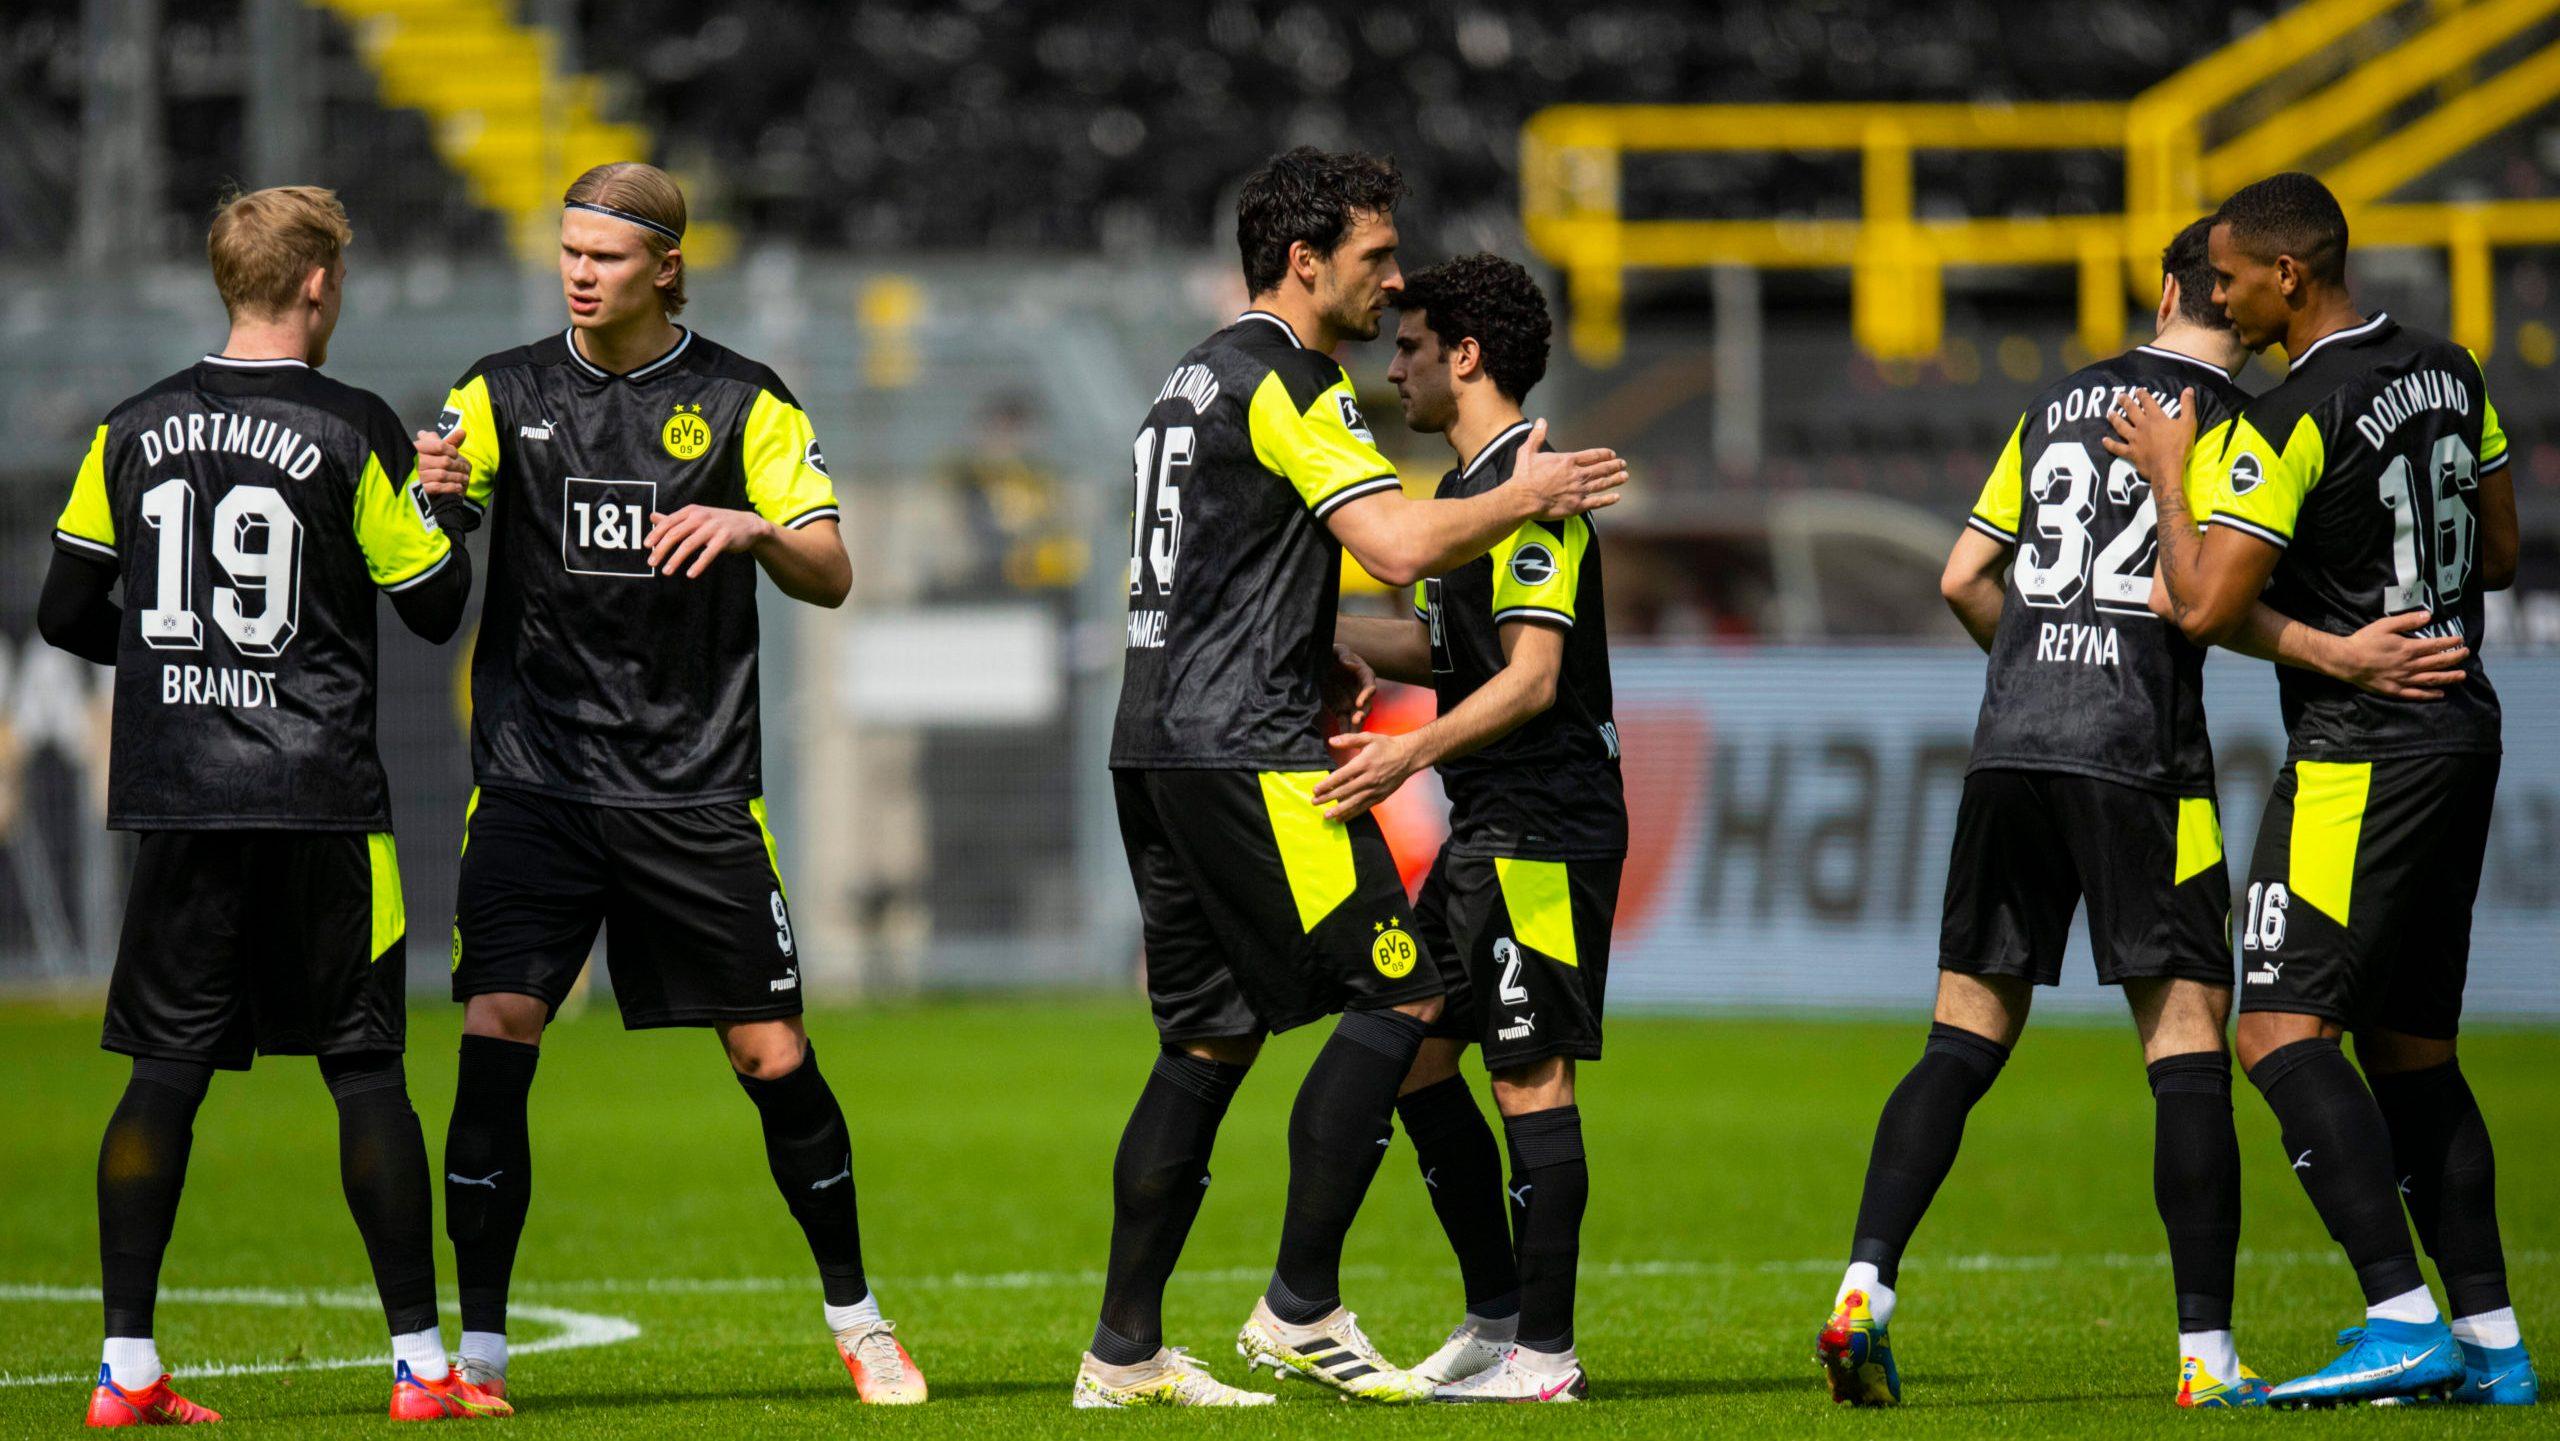 Dortmund unveil special neon kit